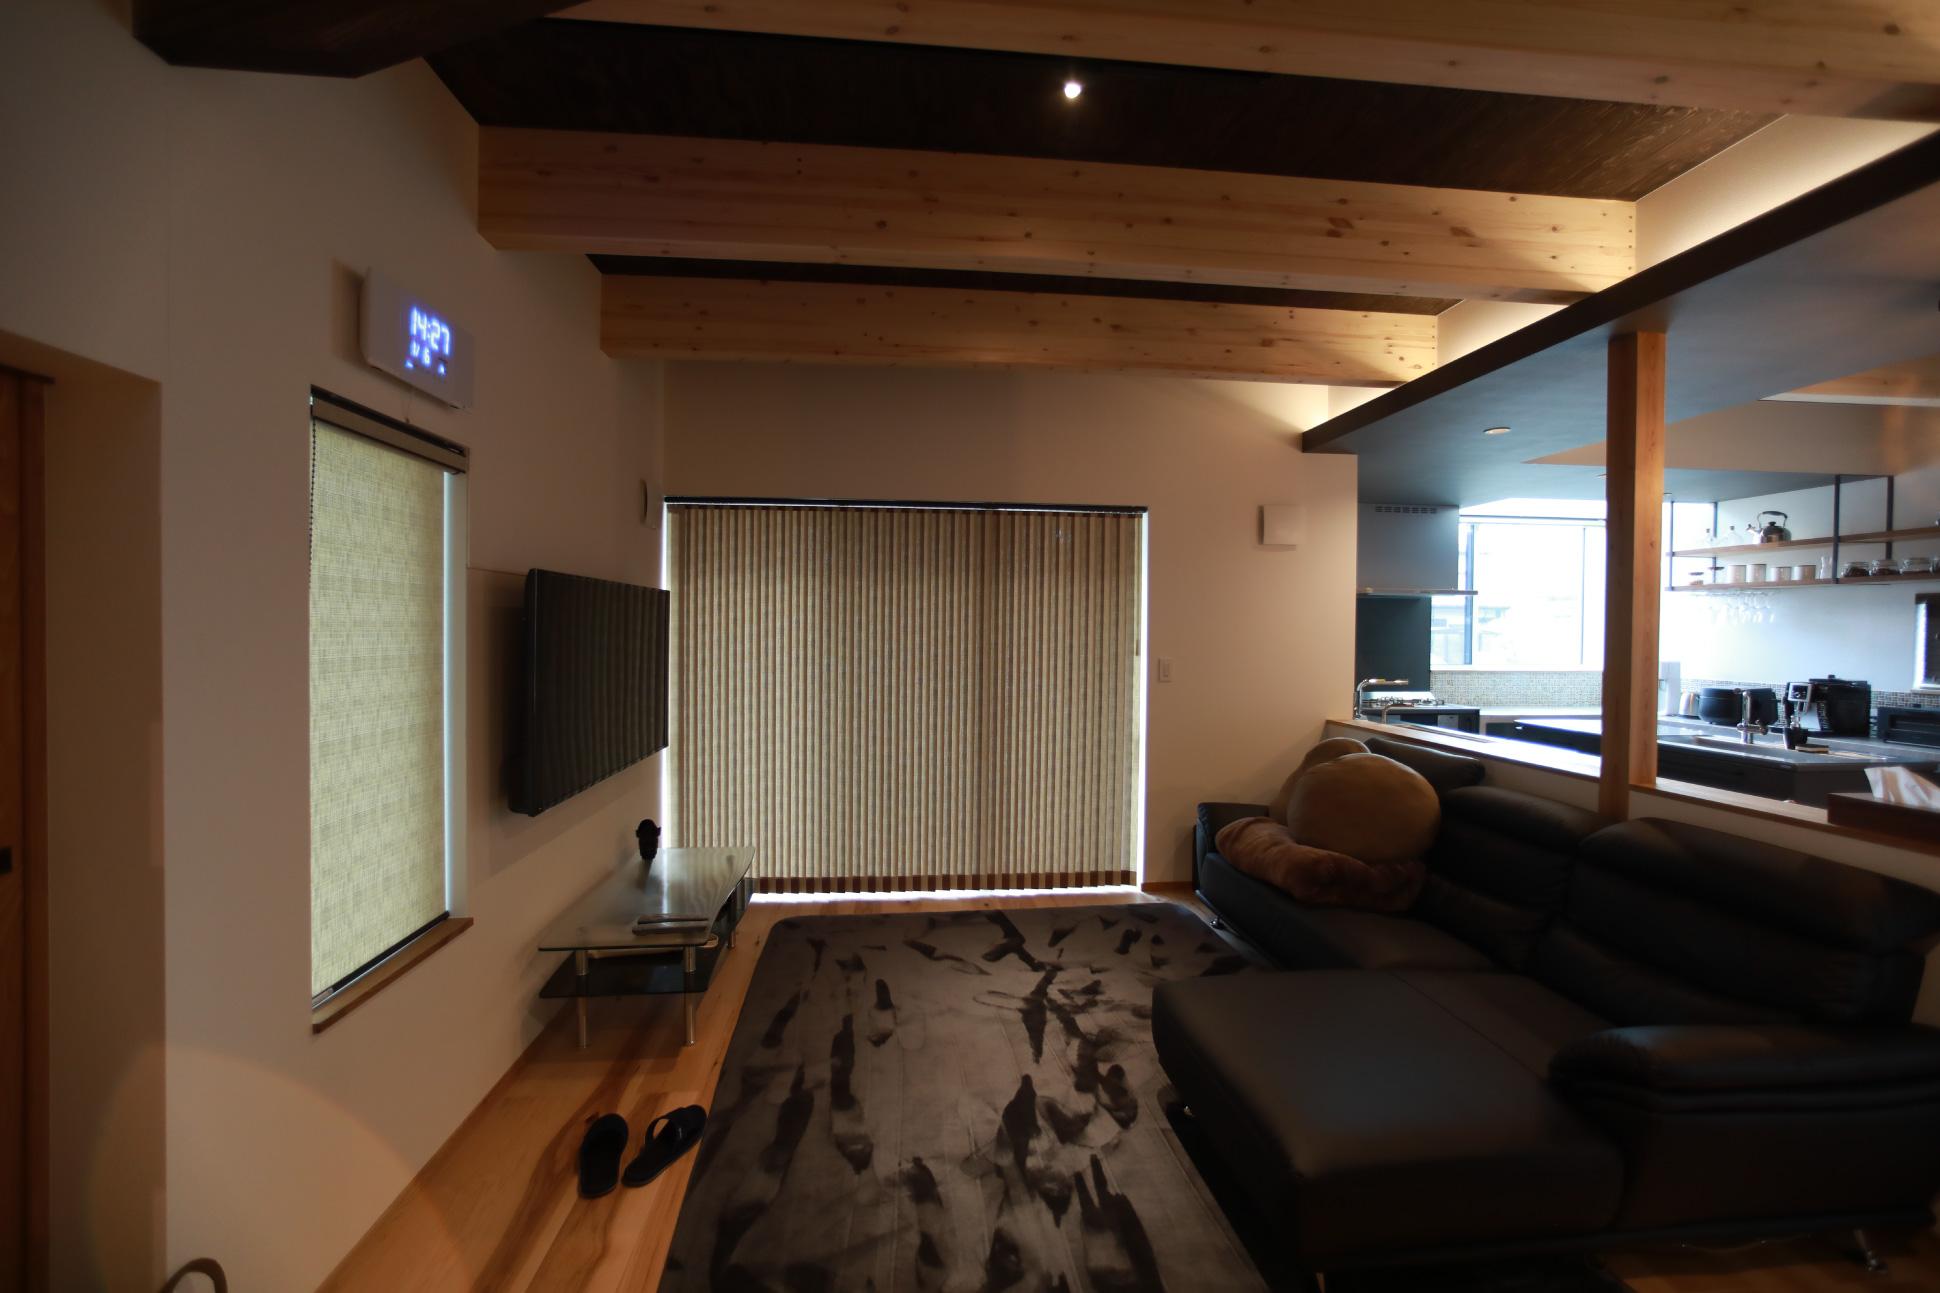 高い天井でも空間を落ち着かせるデザインの黒天井:君津 戸建て新築